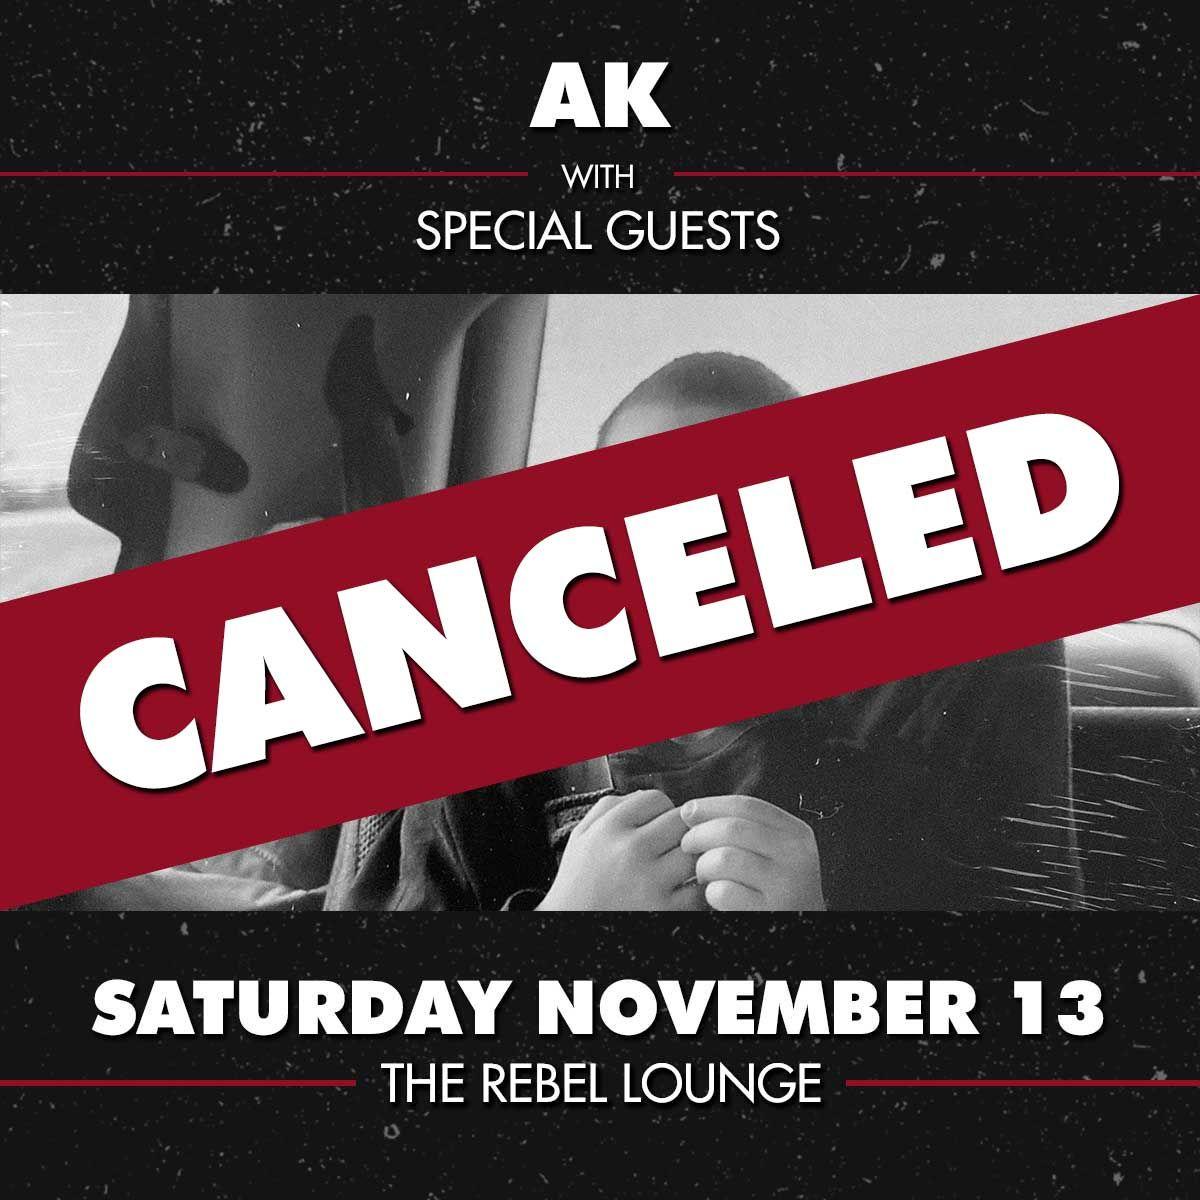 CANCELLED: AK: